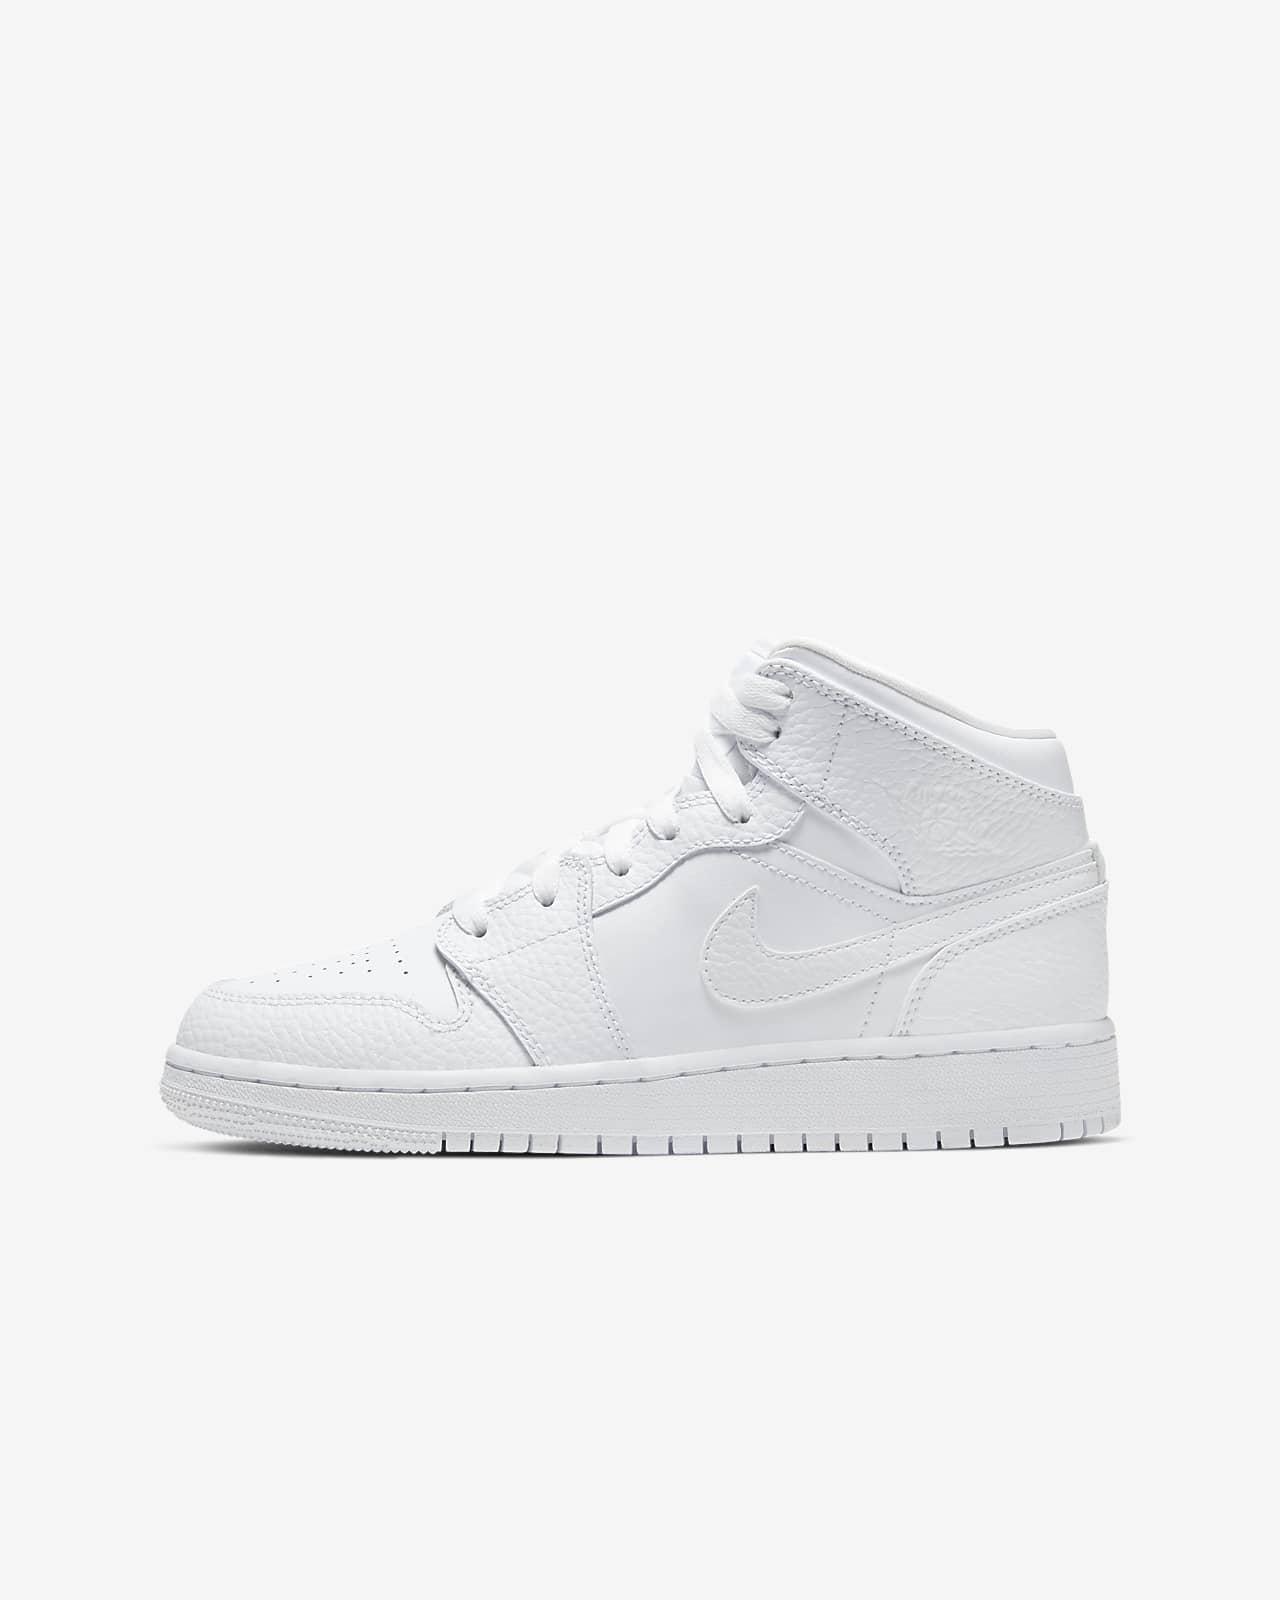 boys jordans on sale Sale Jordan Shoes